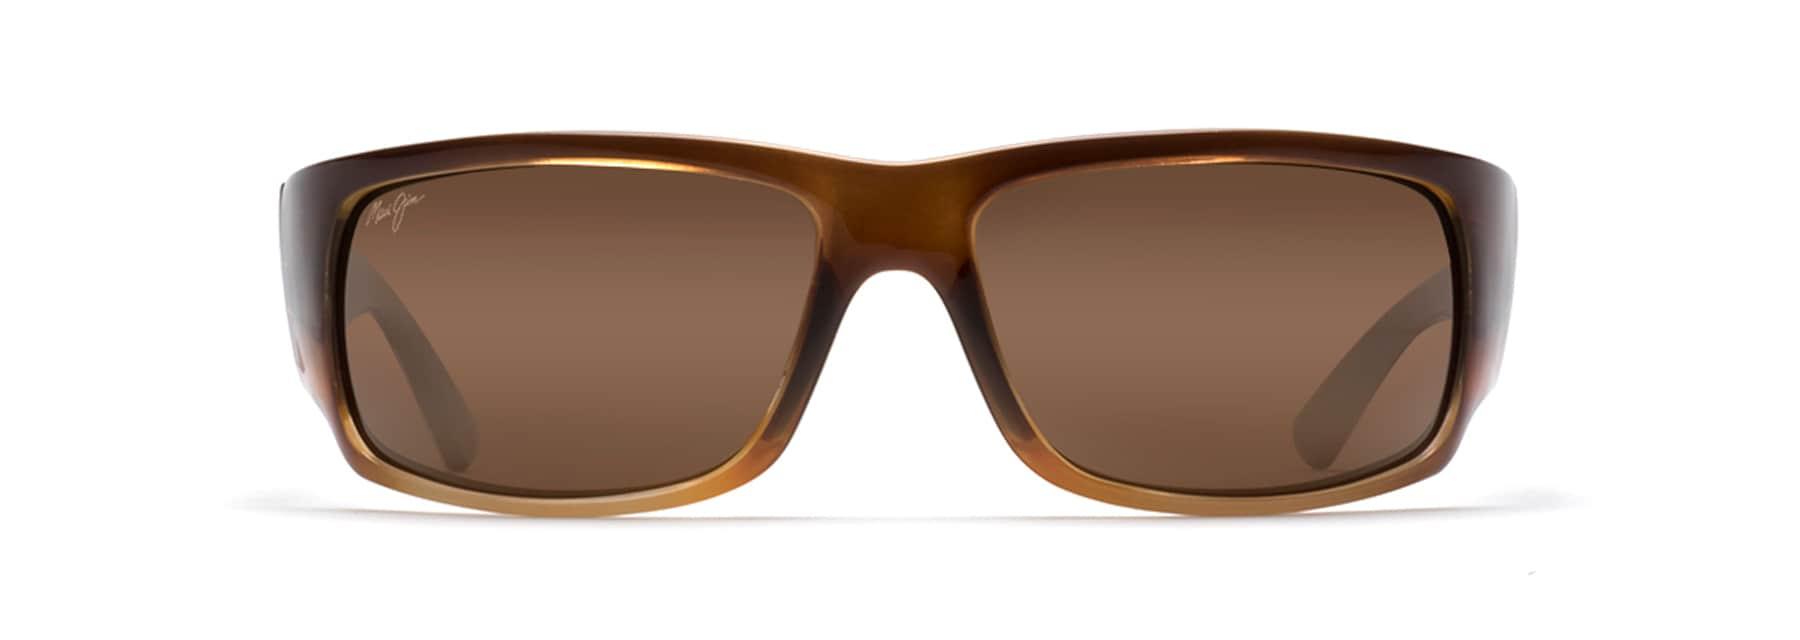 e7762265745 World Cup Polarized Sunglasses | Maui Jim®